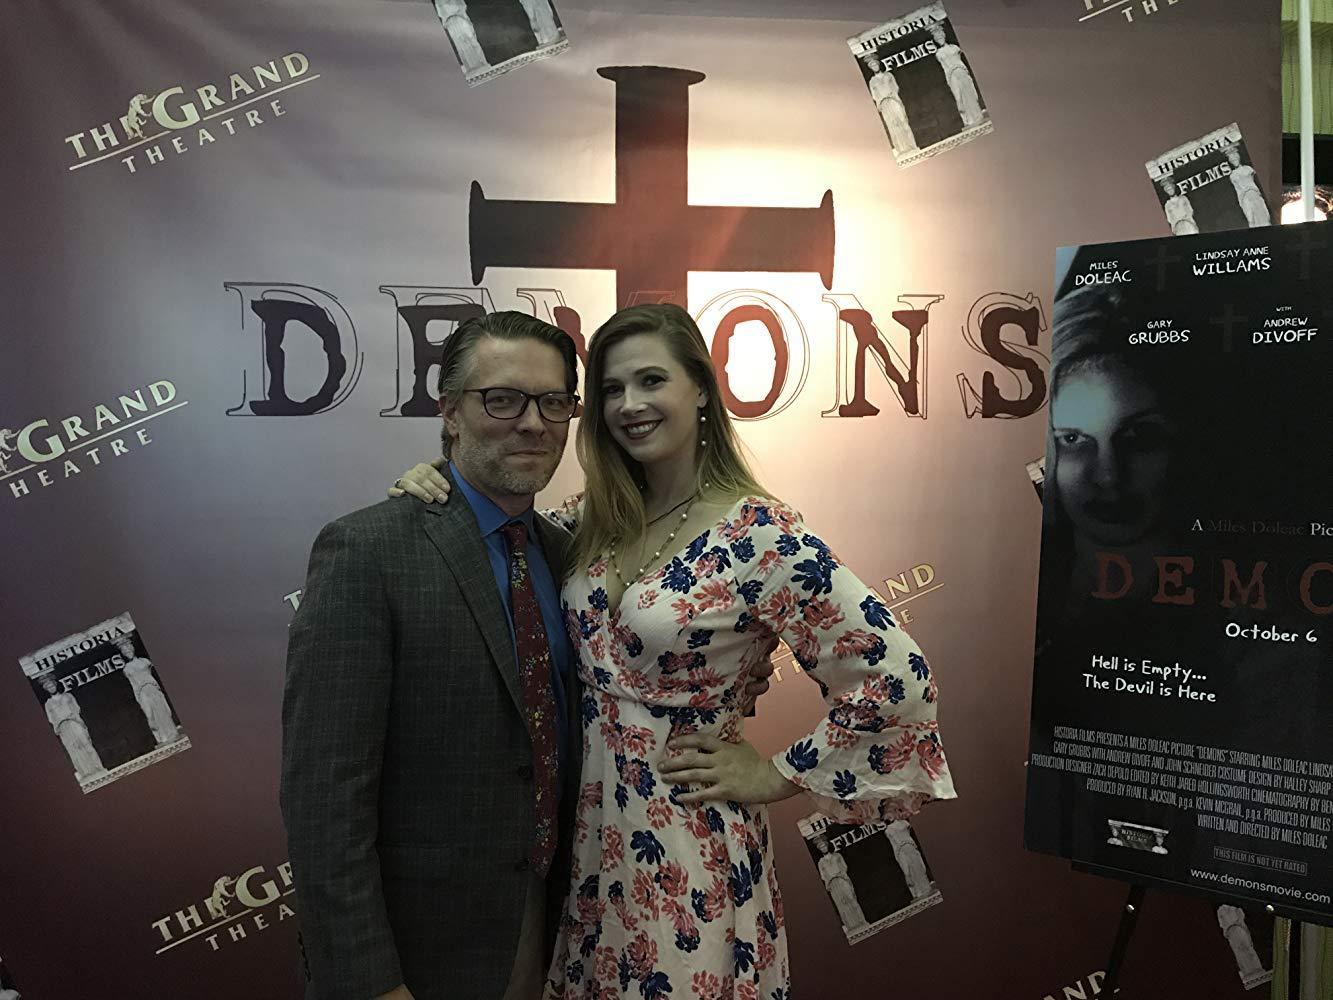 فيلم 13 Demons 2016 مترجم